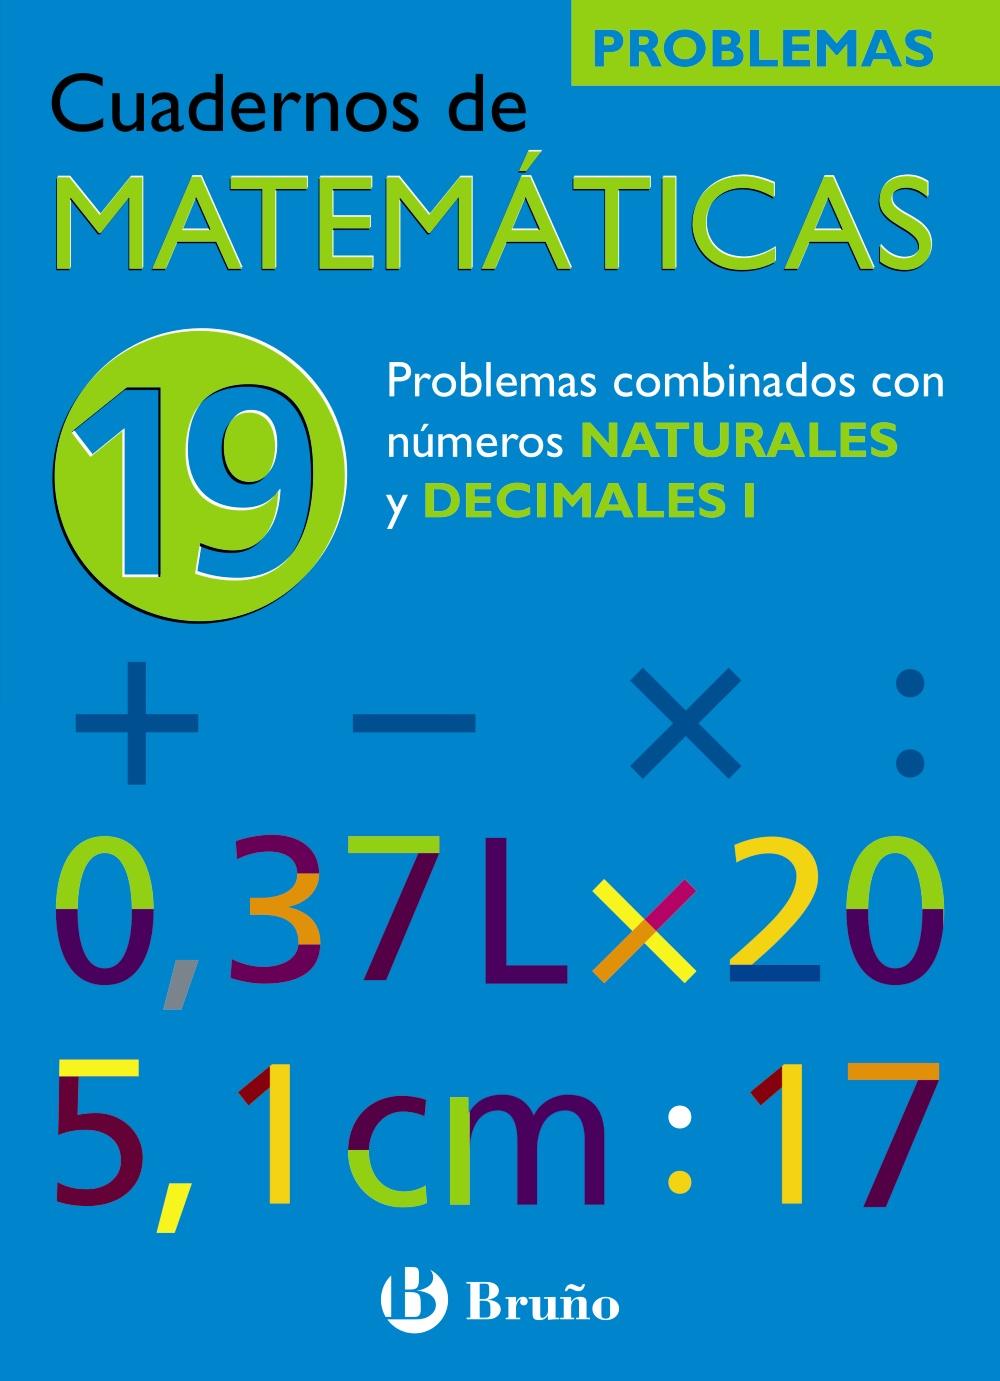 Cuaderno De Matematicas 19: Problemas Combinados Con Las Cuatro O Peraciones Con Naturales Y Decimales I por Jose Echegaray epub